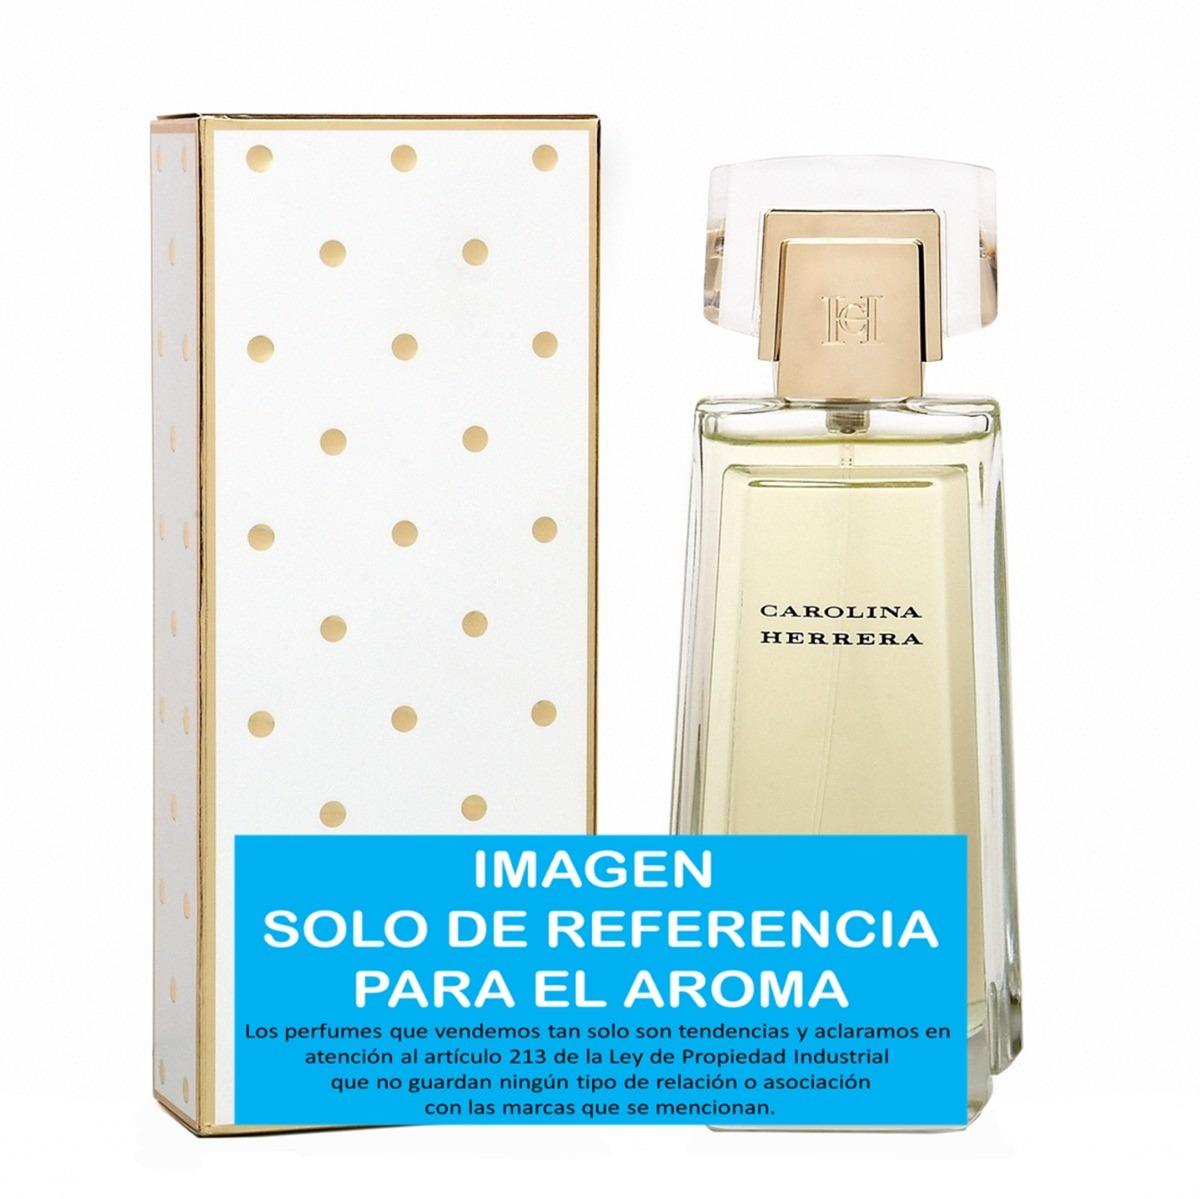 Tendencia Feromonas Carolina Herrera Zenz Perfume Contratipo 0wvmN8n